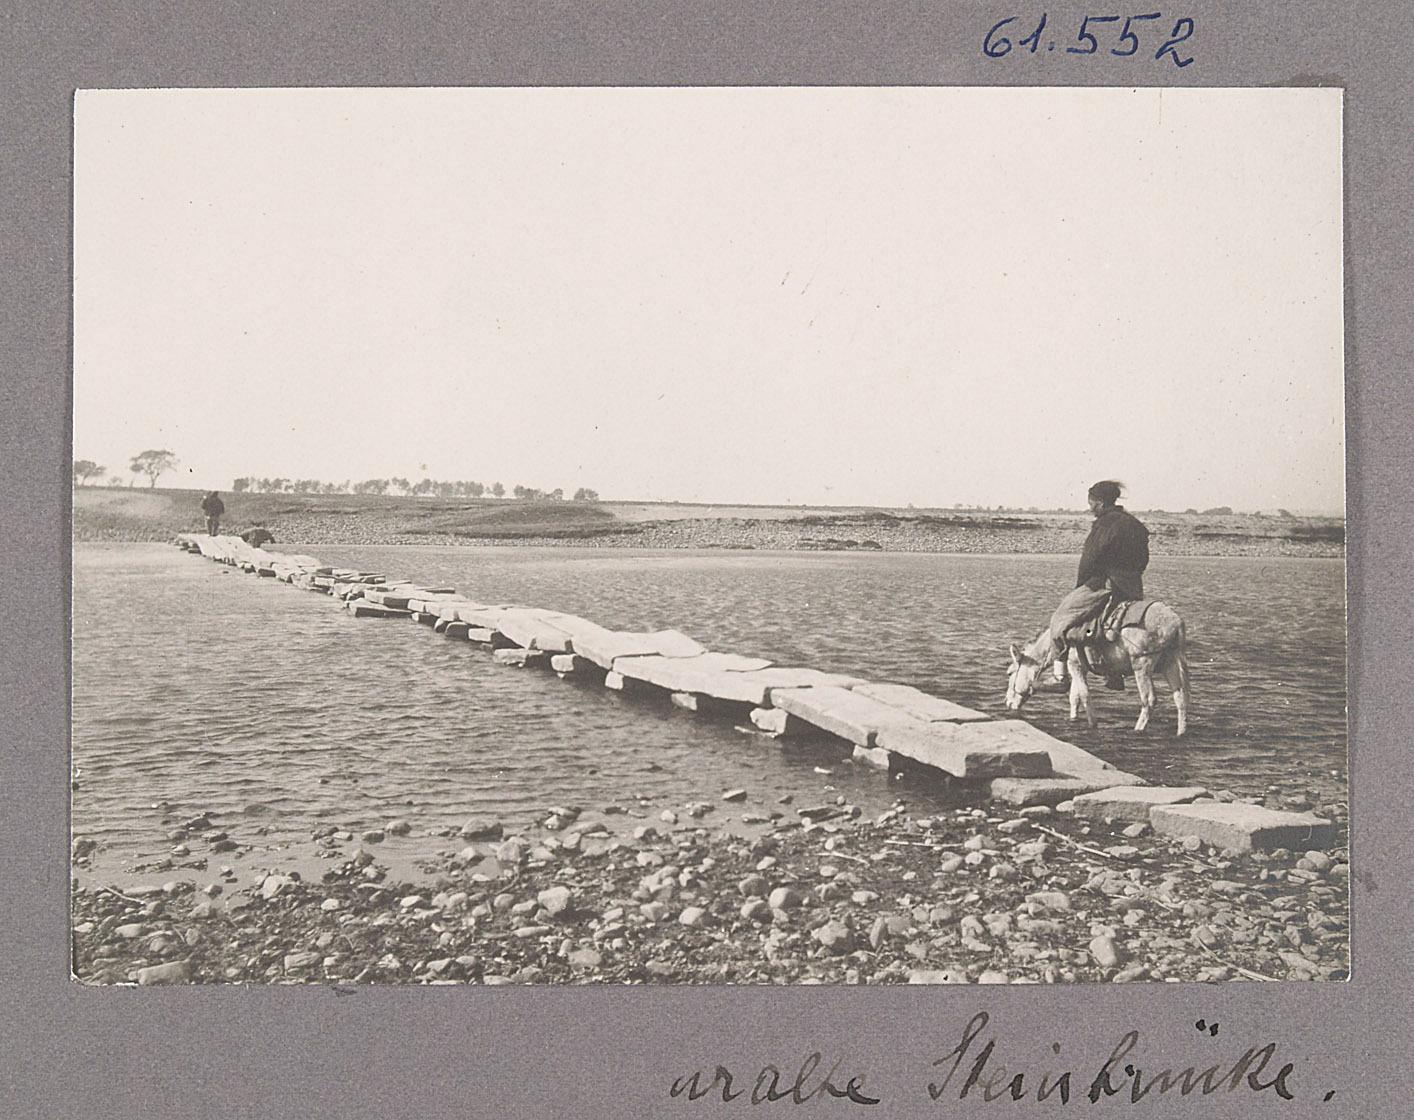 Shan-hai-kuan. Uralte Steinbrücke von Otto Uhlir